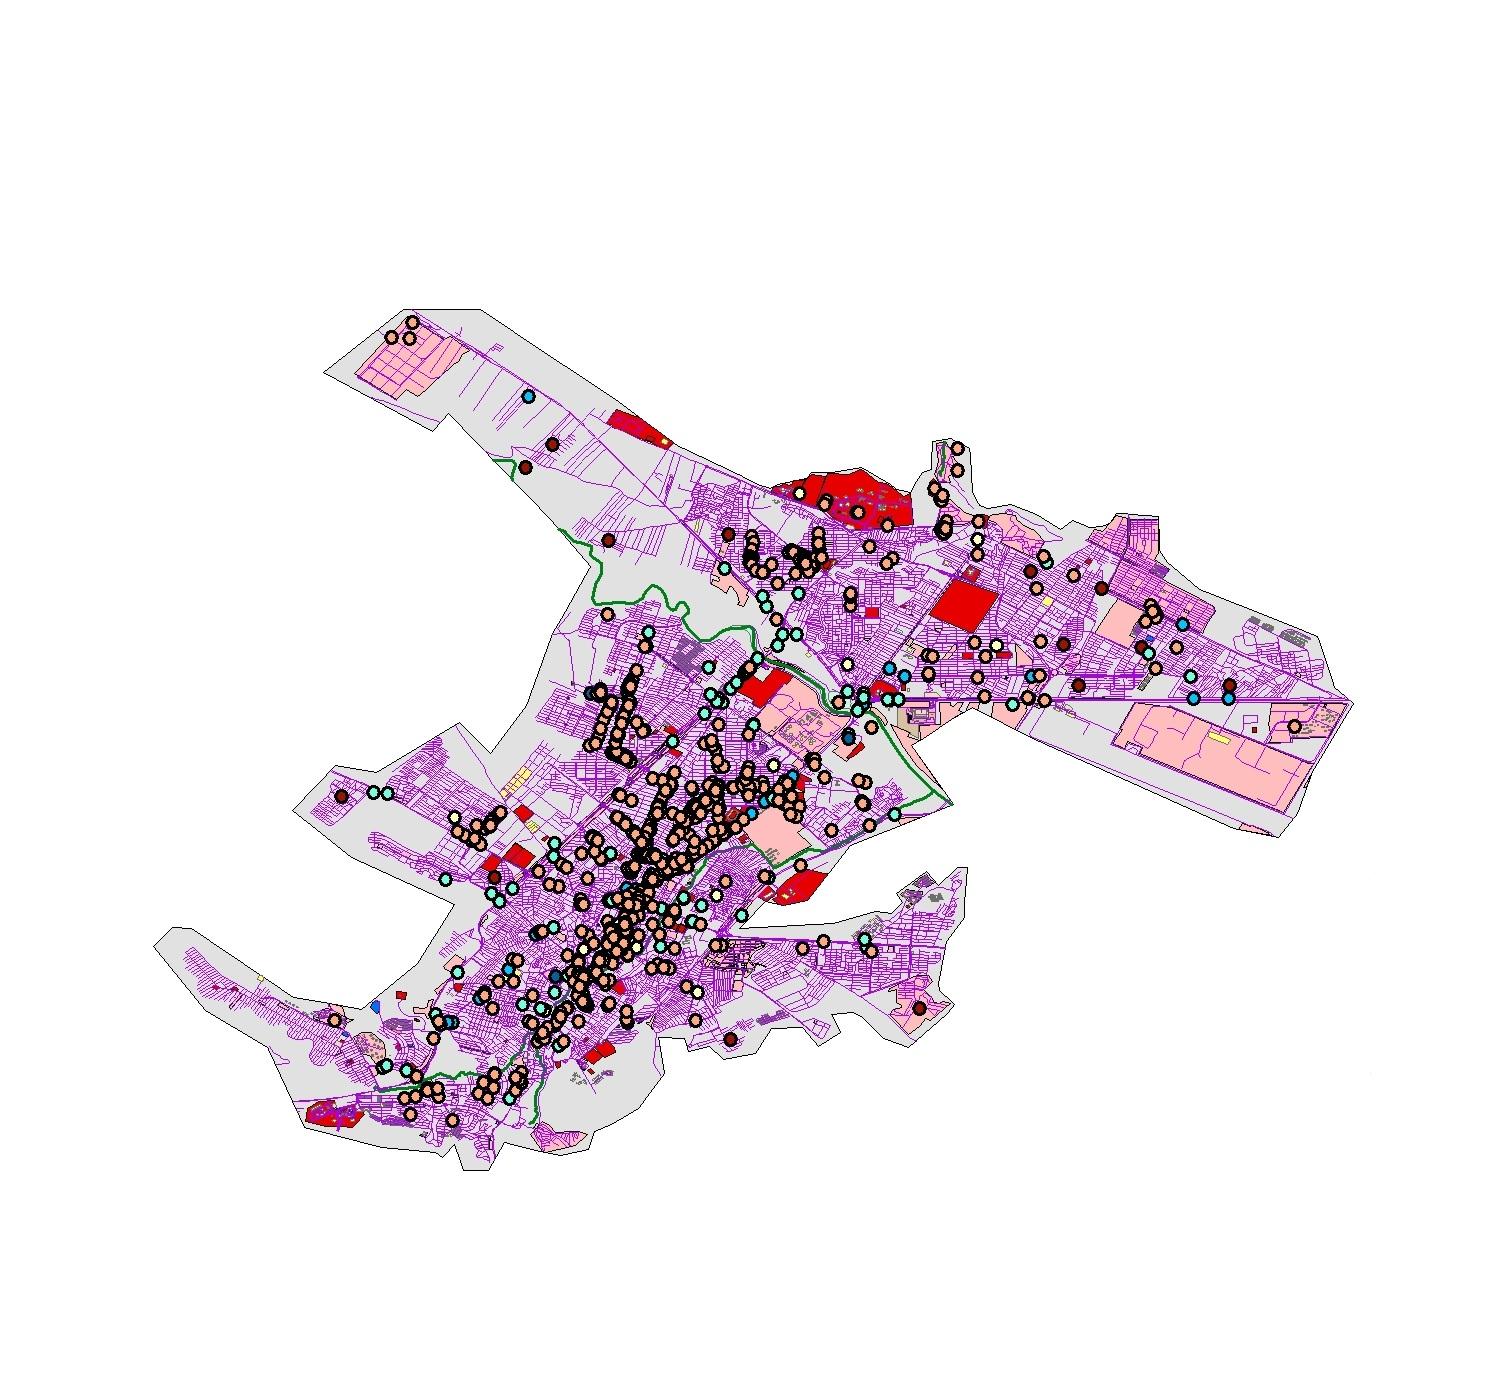 دانلود نقشه شهر کرمانشاه